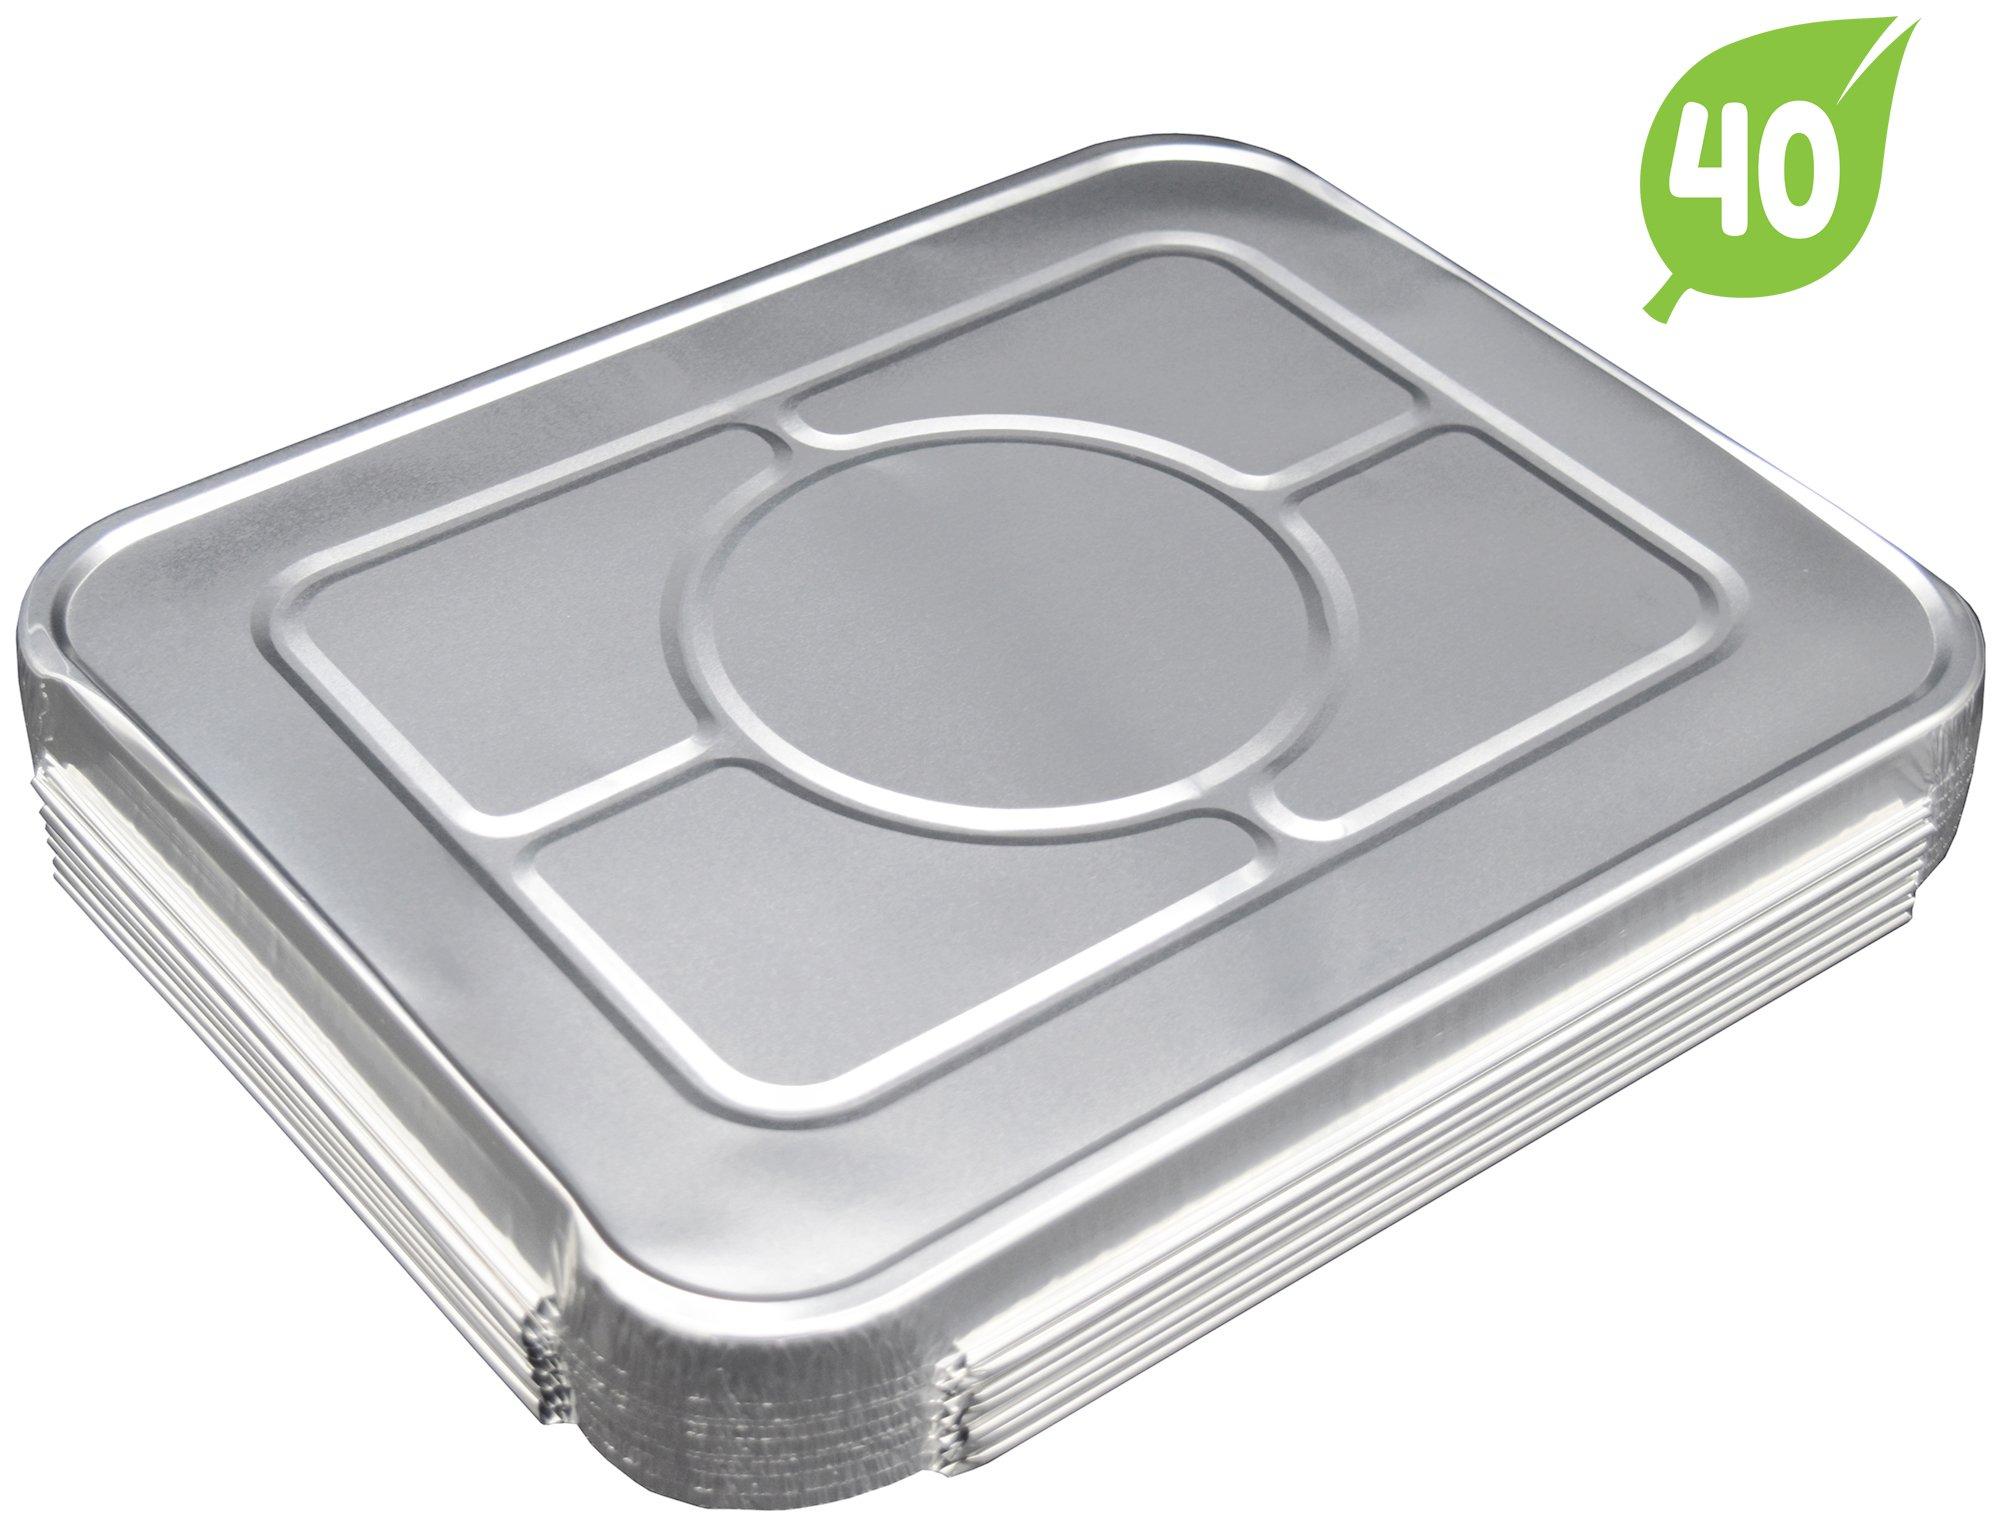 (40 Pack) Lids for Chafing Pans 9'' x 13'' Half Deep Pans l Top Choice Aluminum Foil